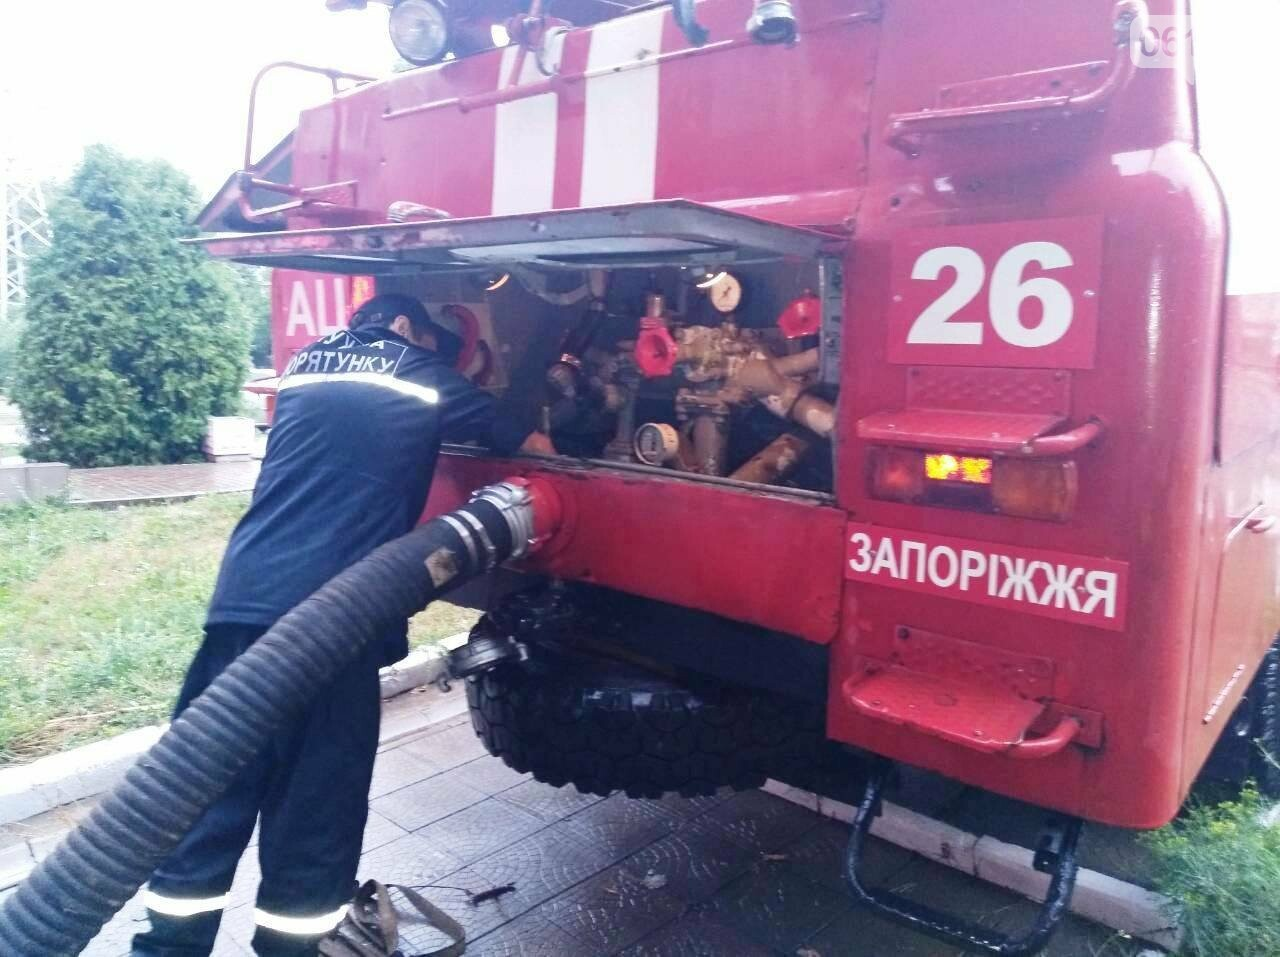 Непогода в Запорожье и области: в людей попала молния, офисы затопило, а машины застряли в воде, - ФОТО, фото-1